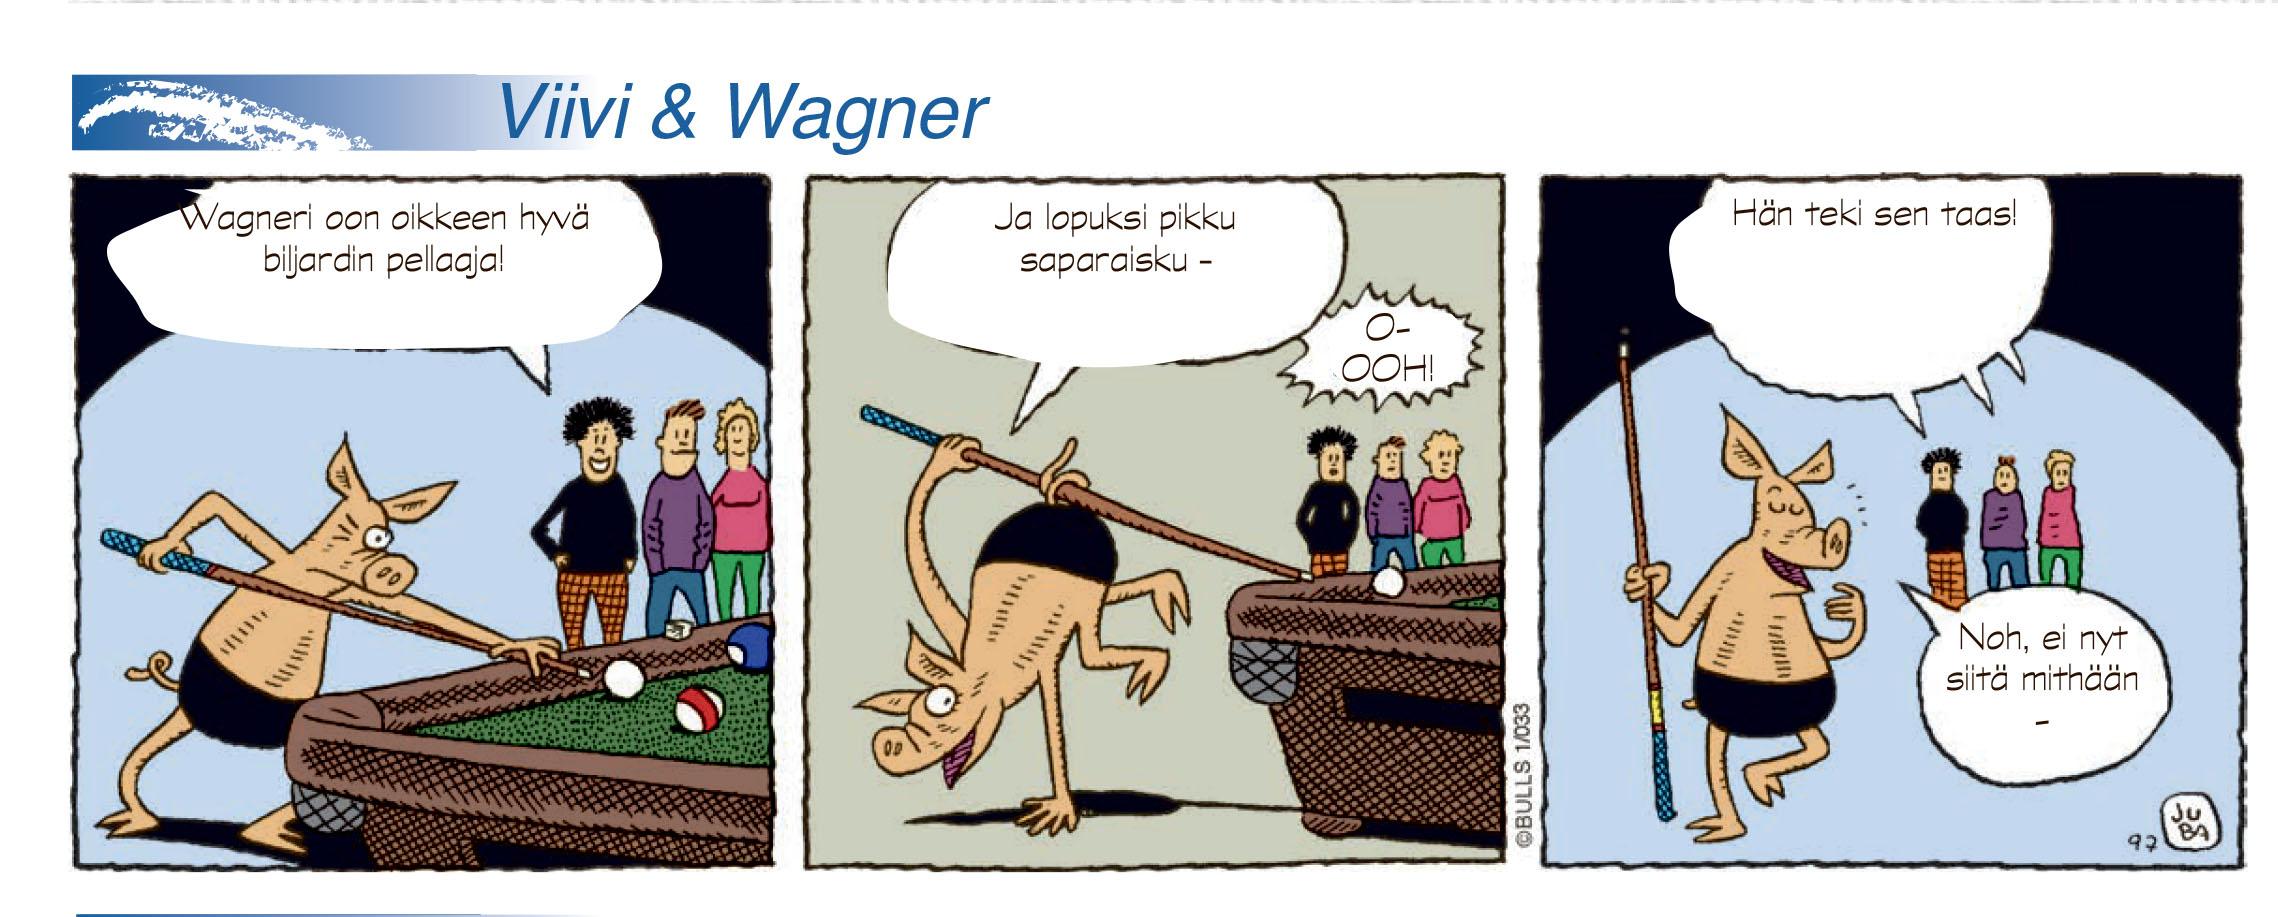 Viivi & Wagner (nr 1 -2015)